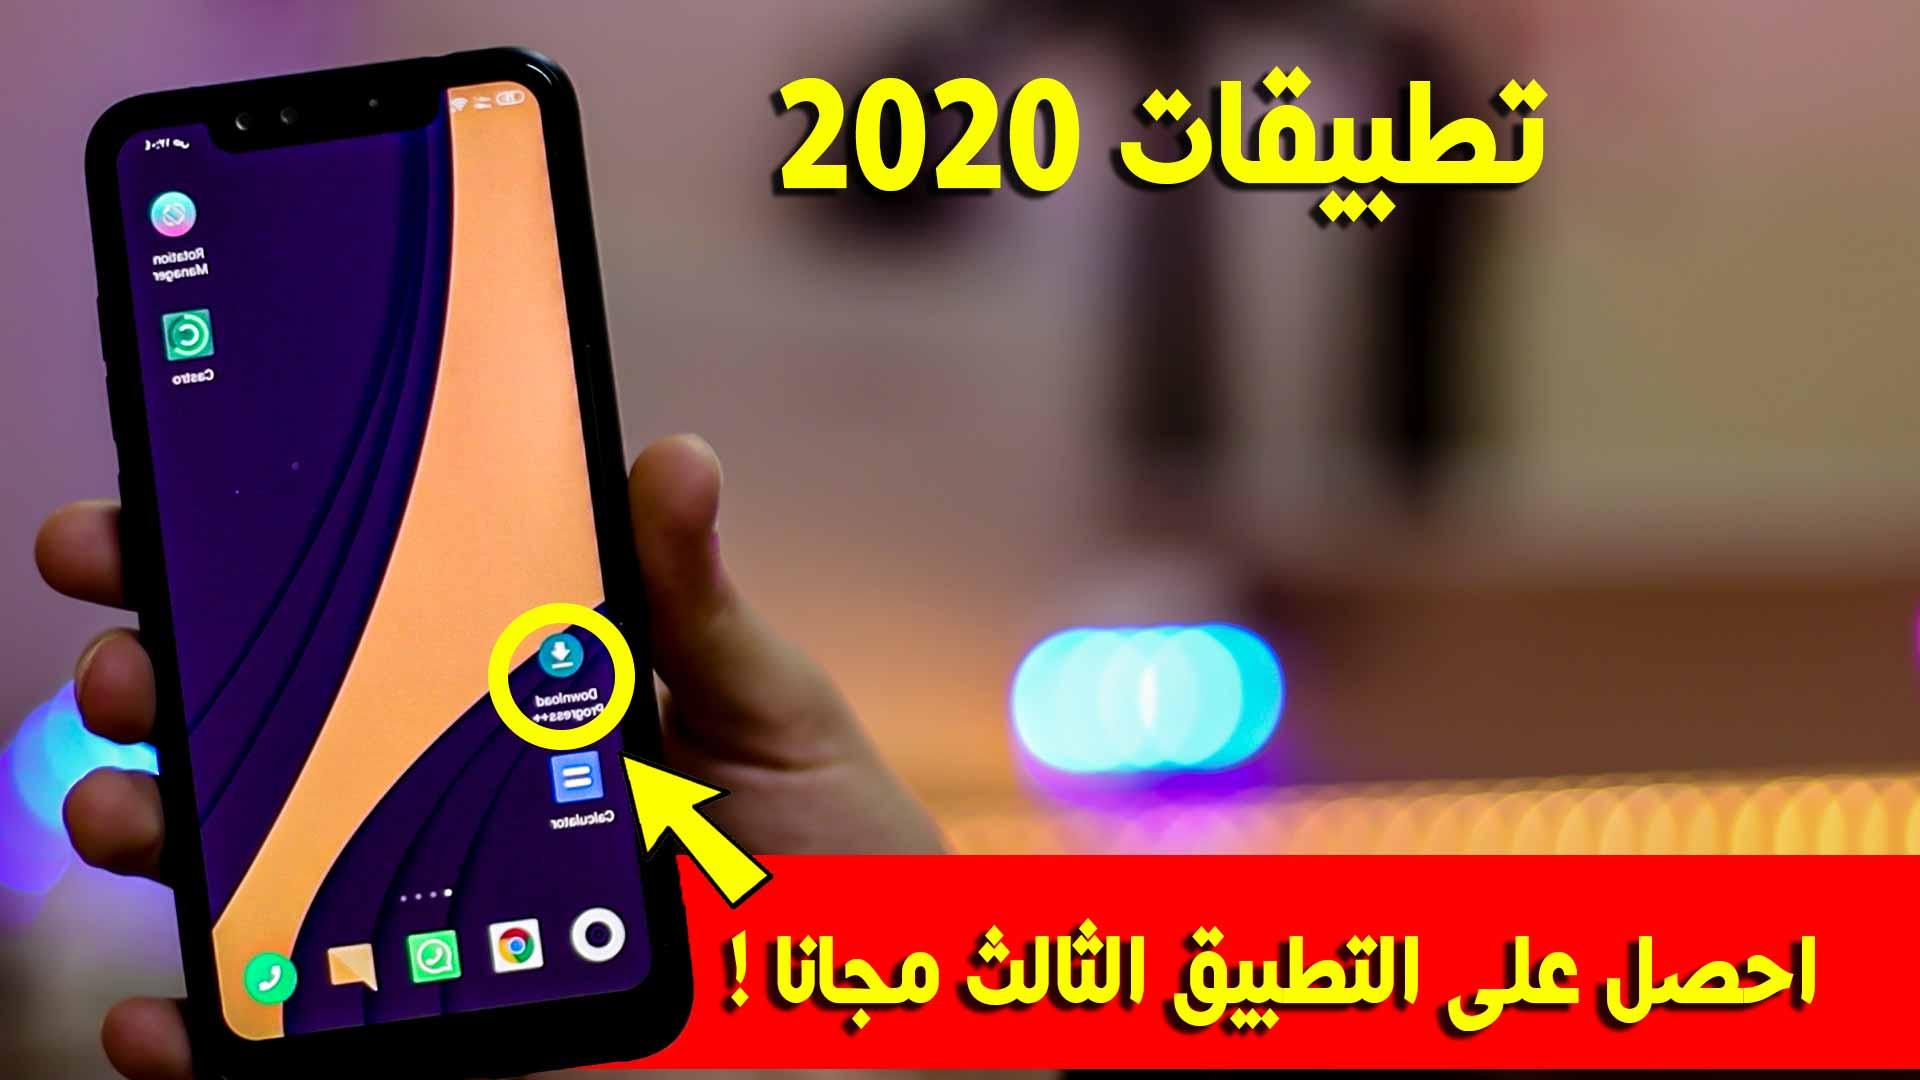 تطبيقات 2020 هتحملها على موبايلك بمسحاه اقل من 2 ميجا